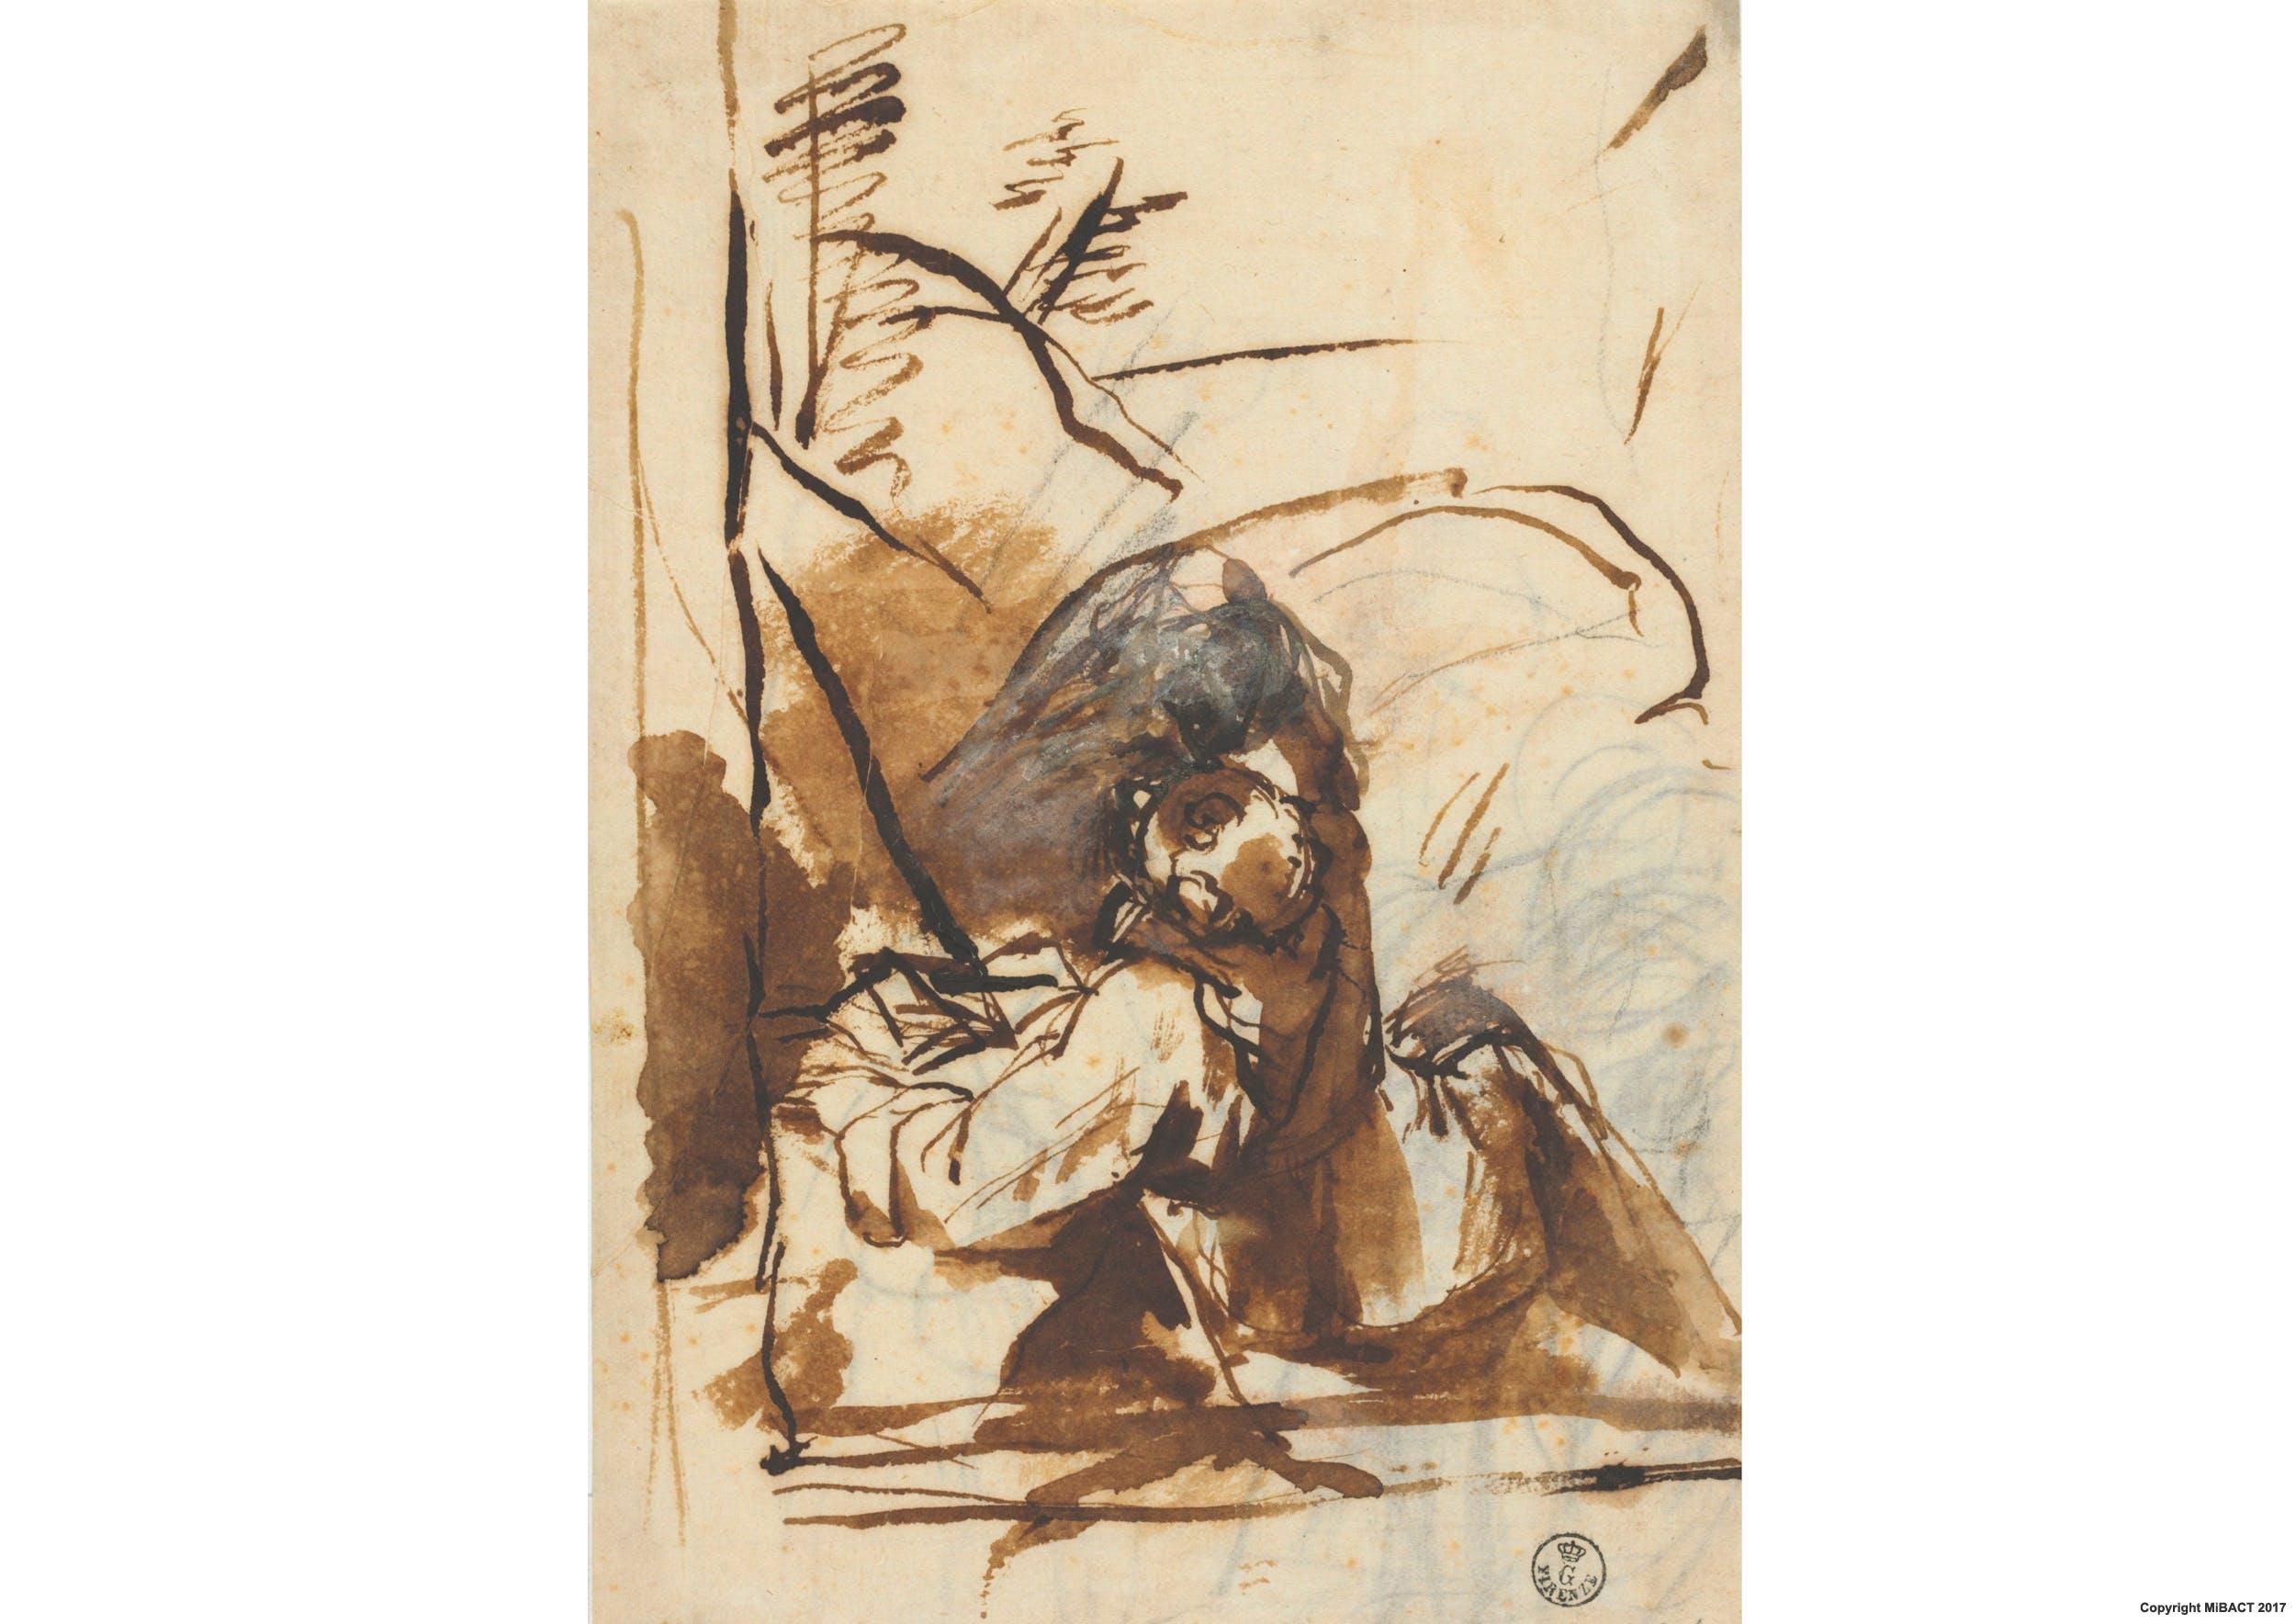 Penna e inchiostro, pennello e inchiostro diluito, biacca (carbonato basico di piombo), carta (200 x 136 mm.) - Inv. 11494 F recto